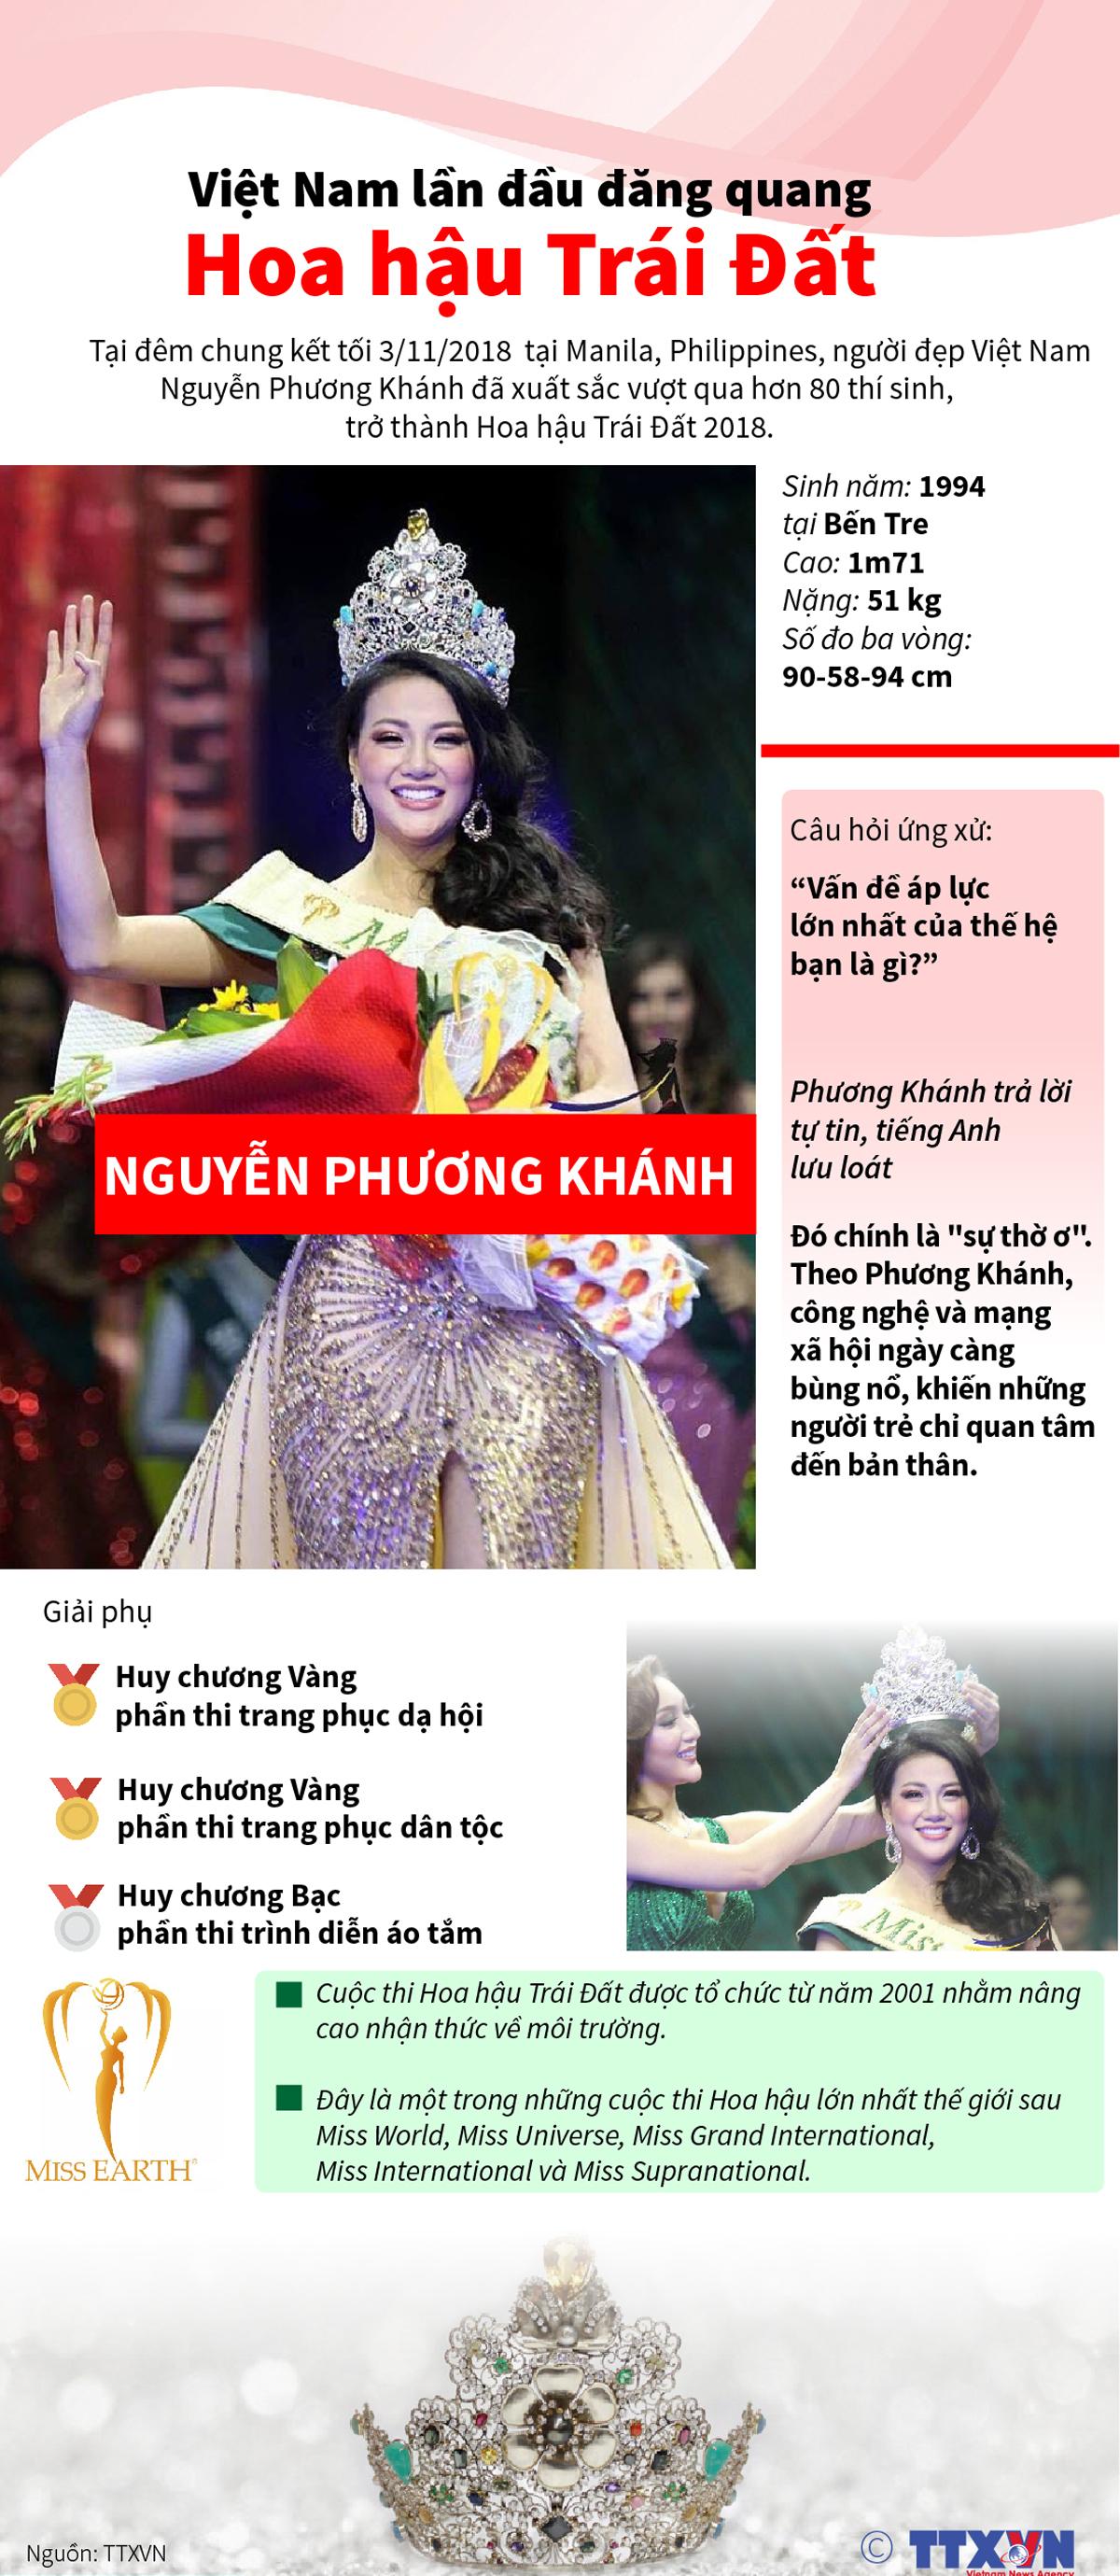 văn hóa - xã hội, Việt Nam, lần đầu đăng quang, hoa hậu trái đất